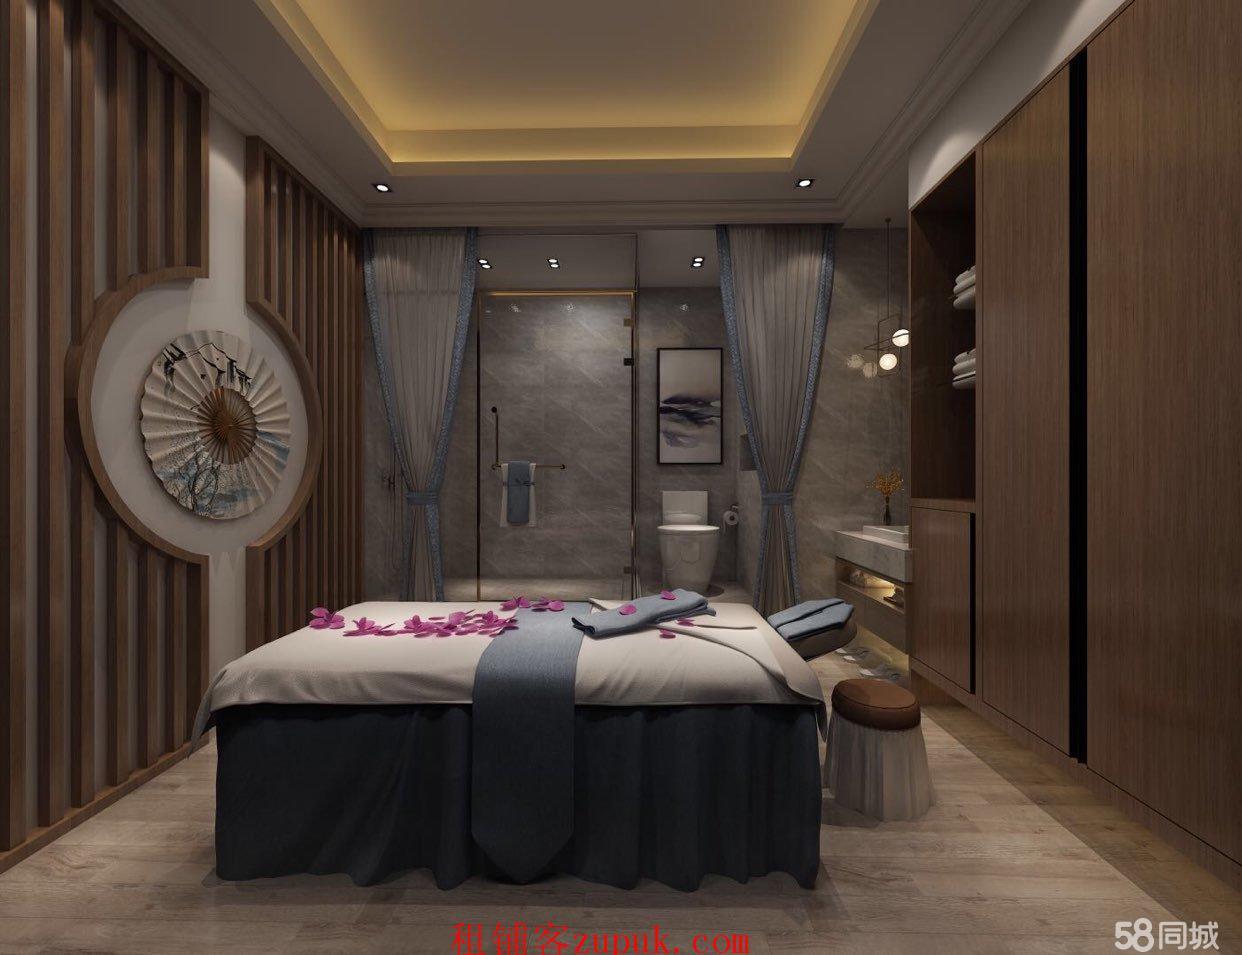 雨花亭万博汇精装美容院优价转让可做美容、养生spa、产康行业